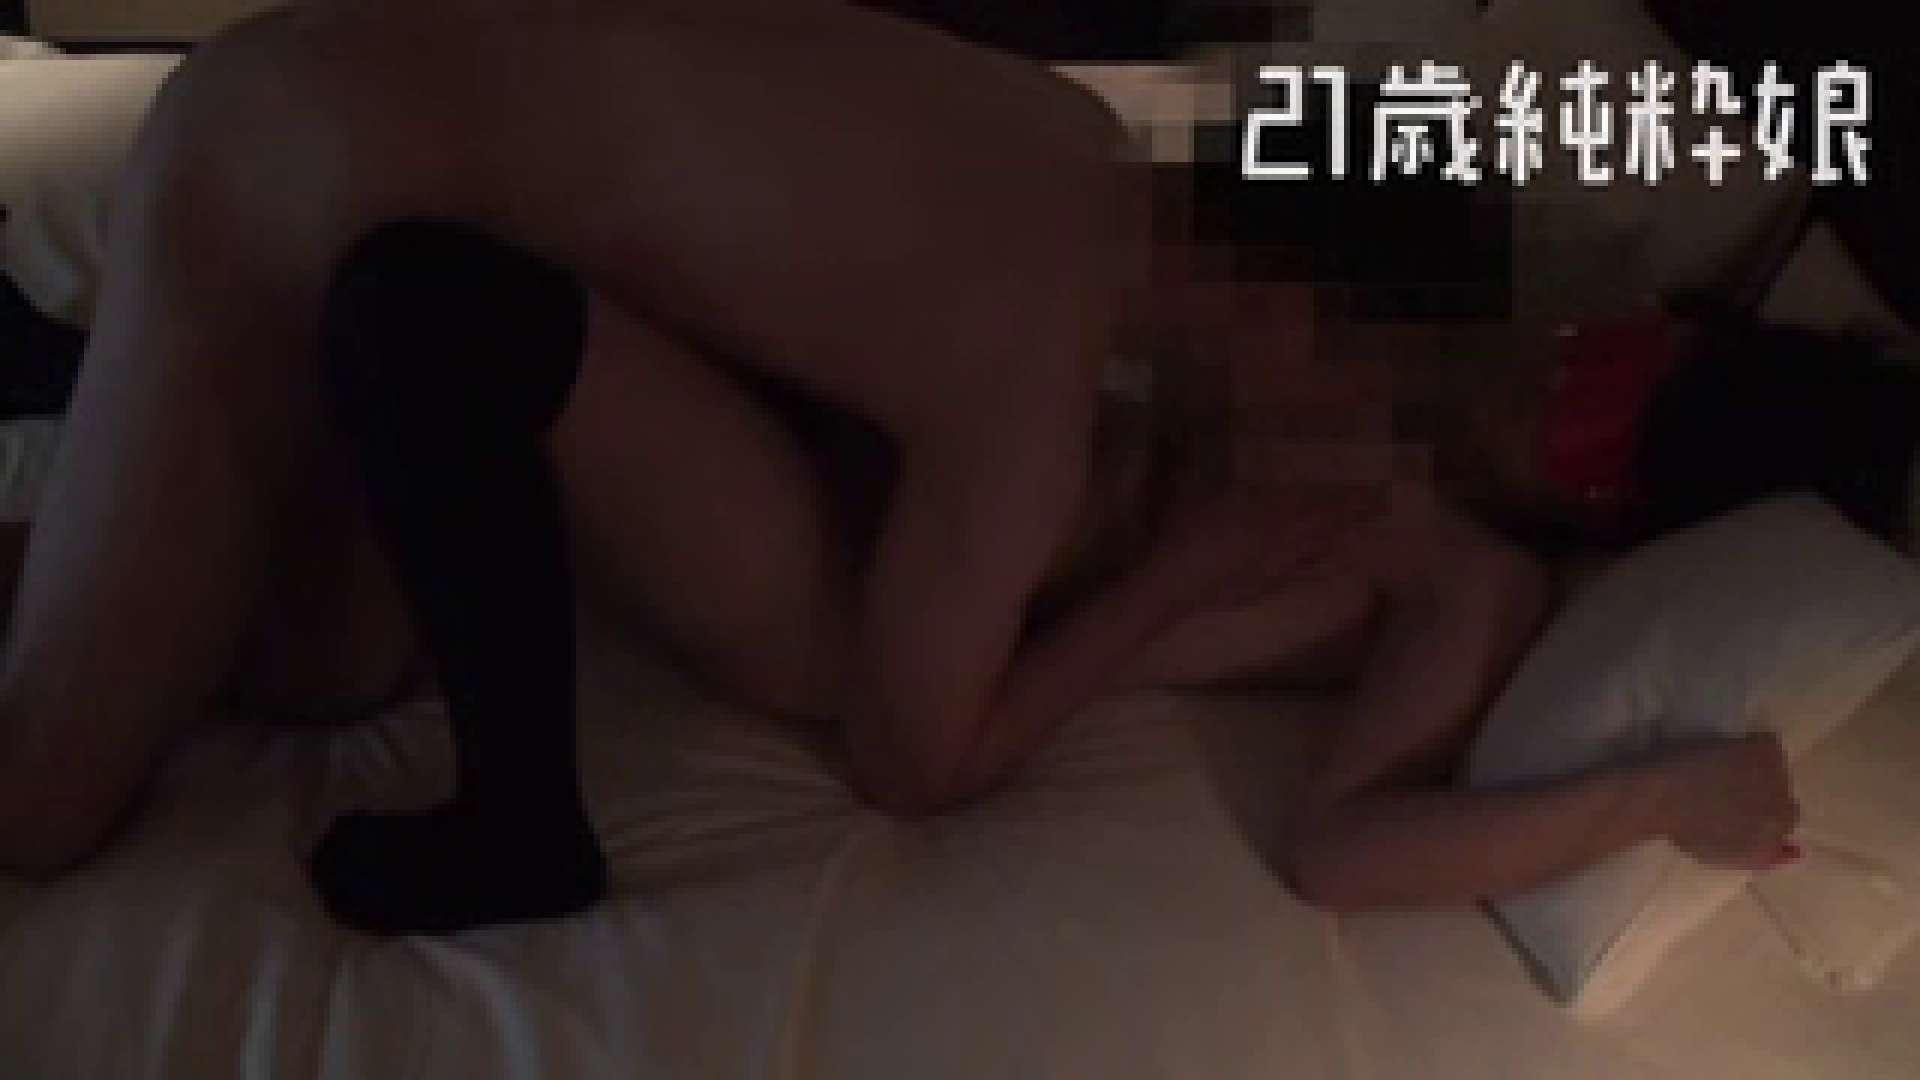 上京したばかりのGカップ21歳純粋嬢を都合の良い女にしてみた4 ホテル  75連発 51